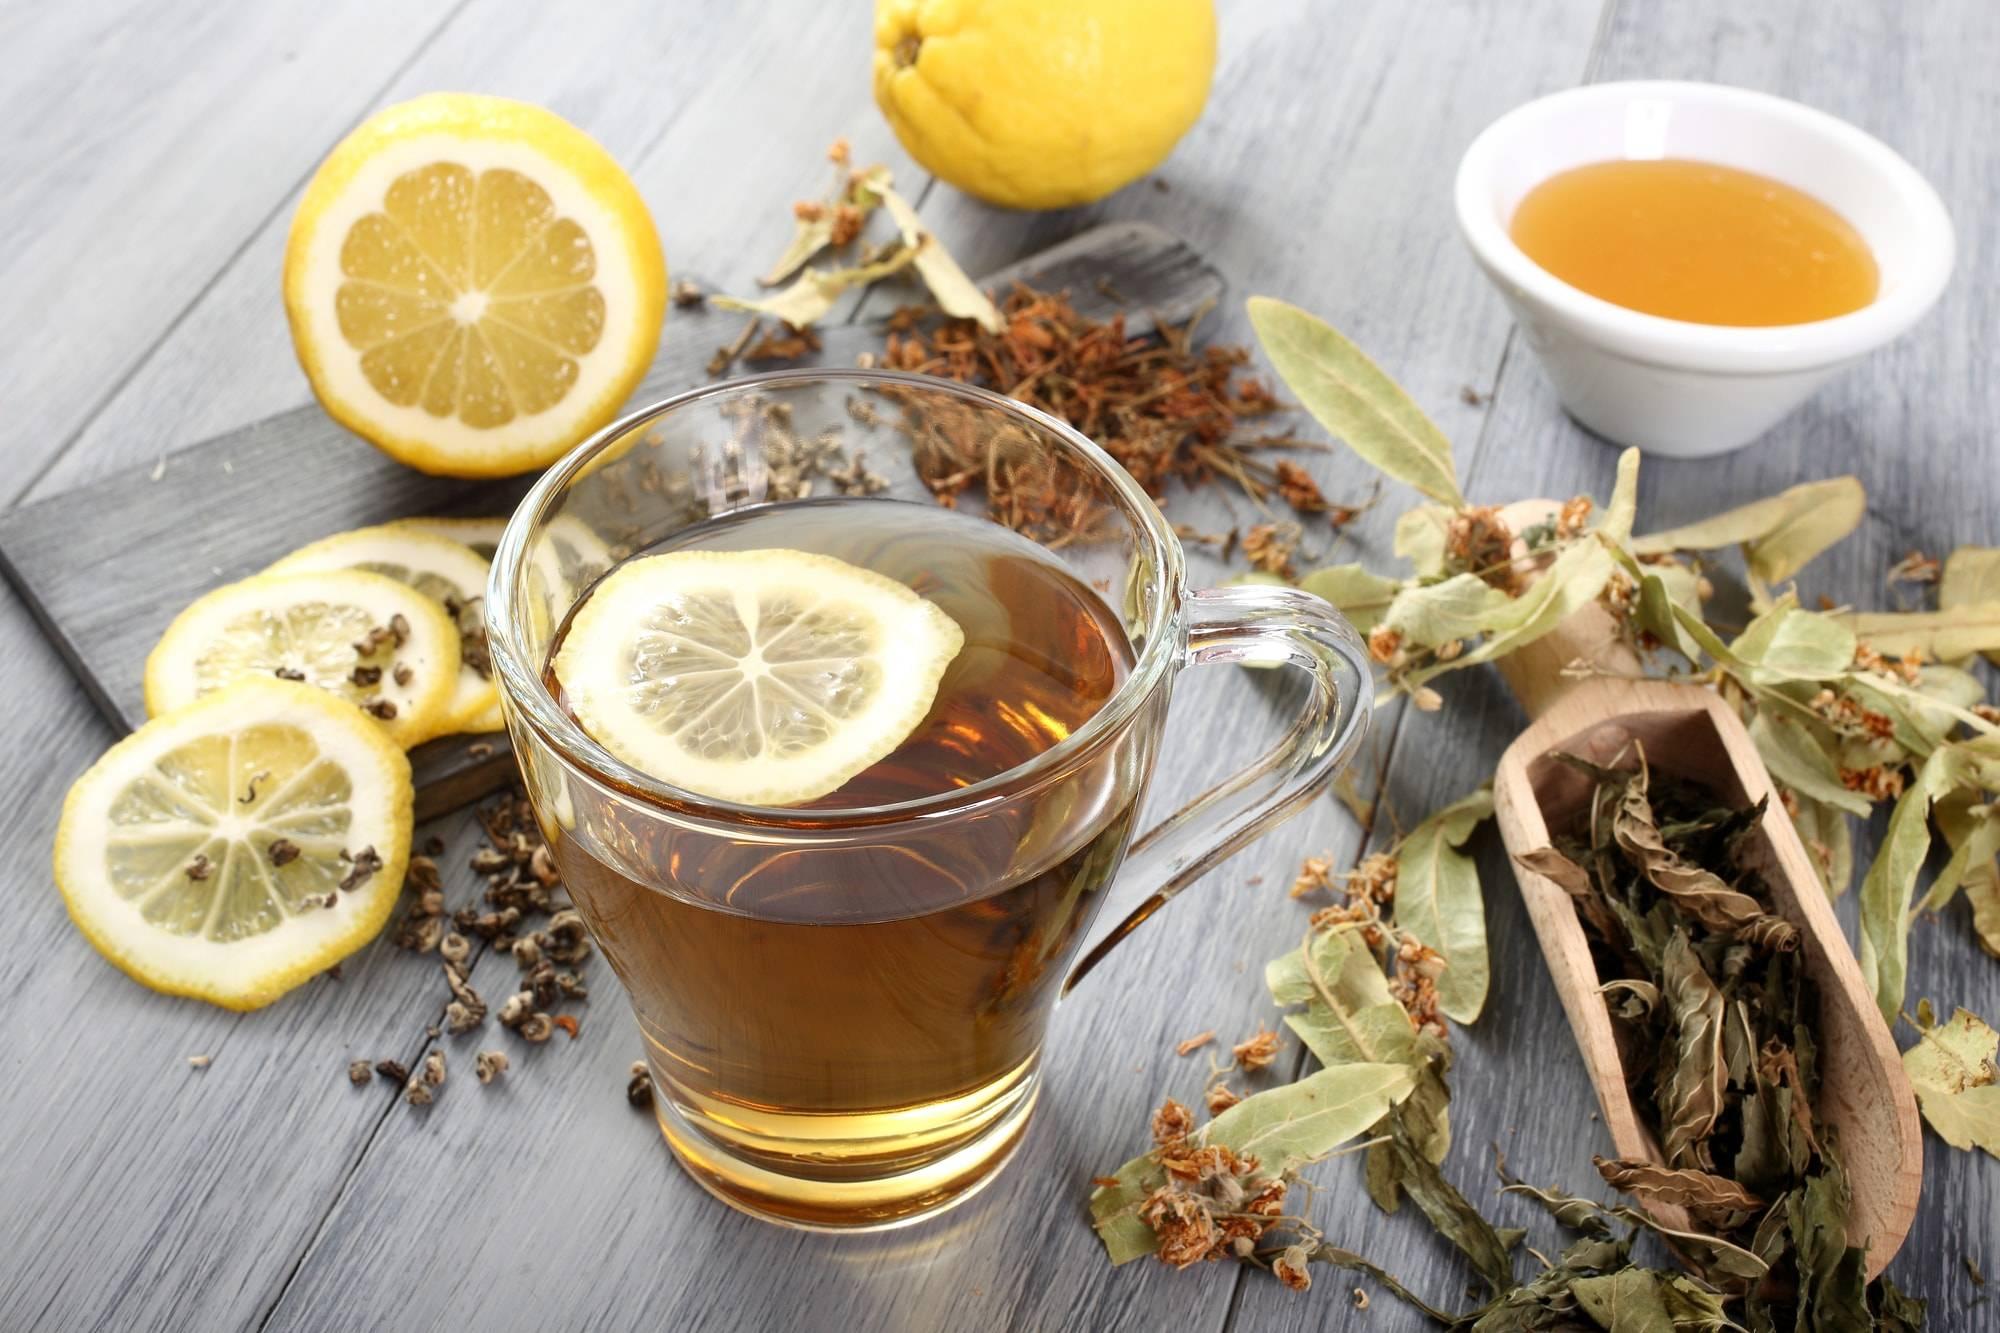 Эффективное средство для похудения – смесь имбиря и корицы. рецепты с куркумой и другими полезными ингредиентами